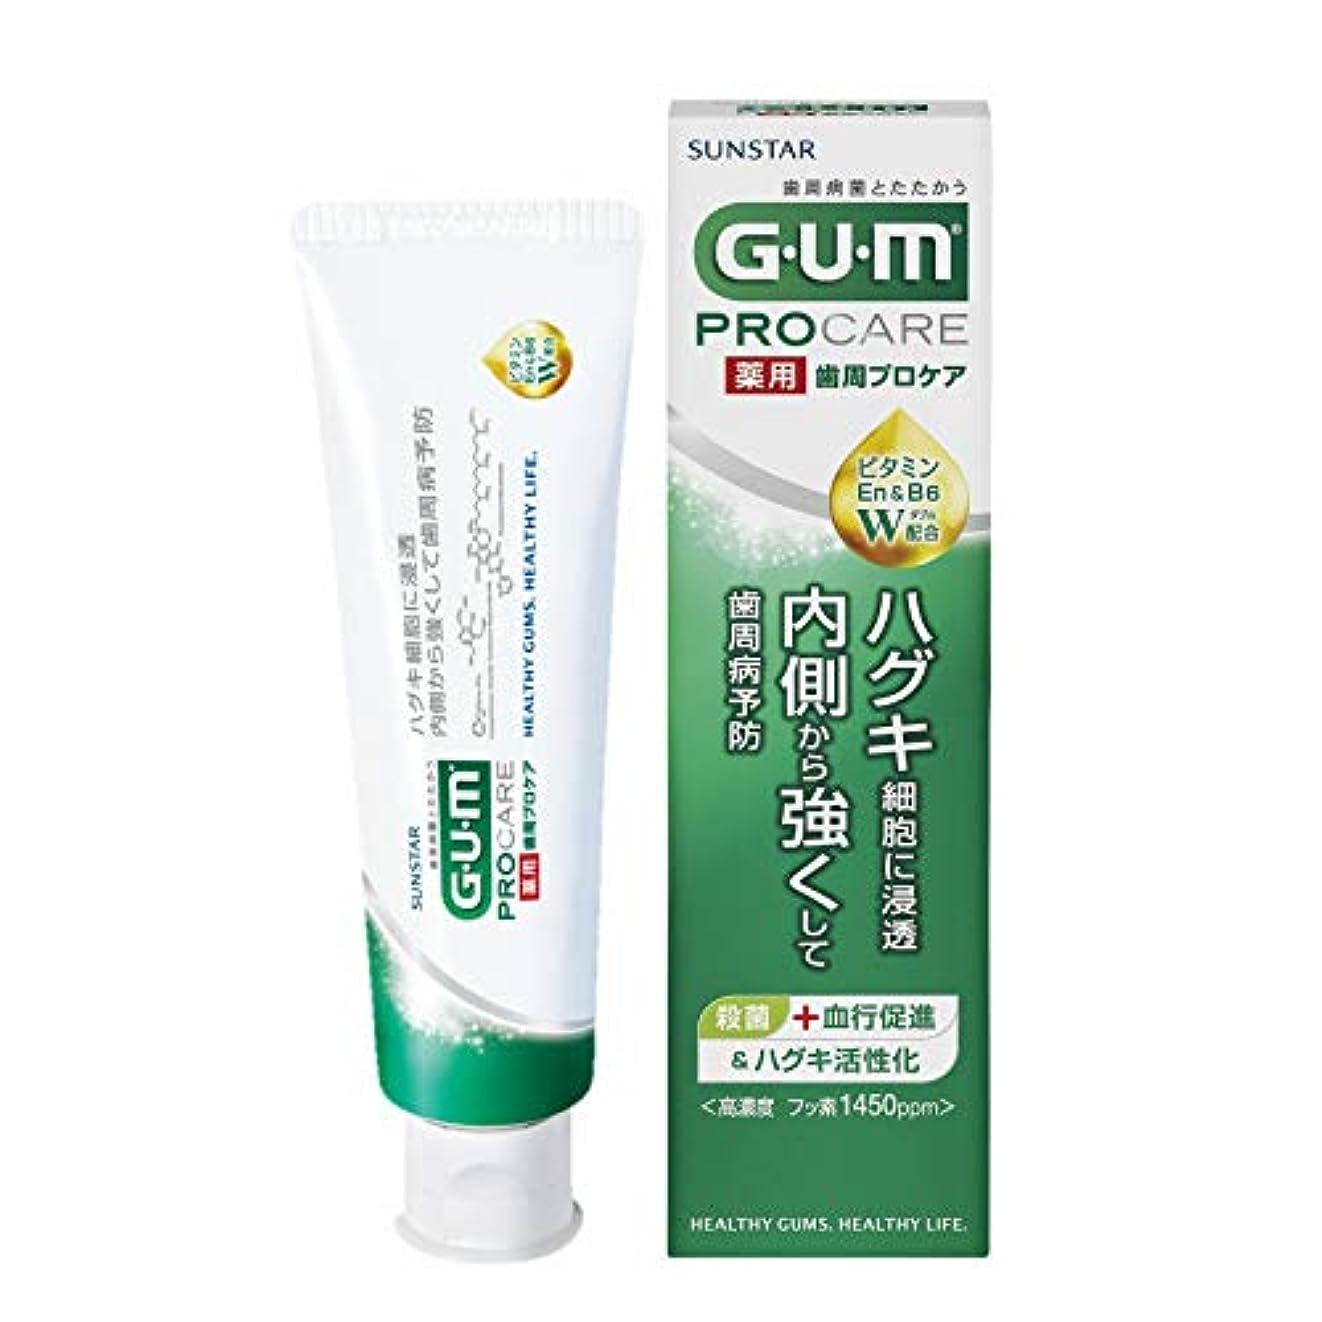 忠実請求可能エアコン[医薬部外品] GUM(ガム) 歯周プロケア 歯みがき 90g <歯周病予防 ハグキケア 高濃度フッ素配合 1450ppm>